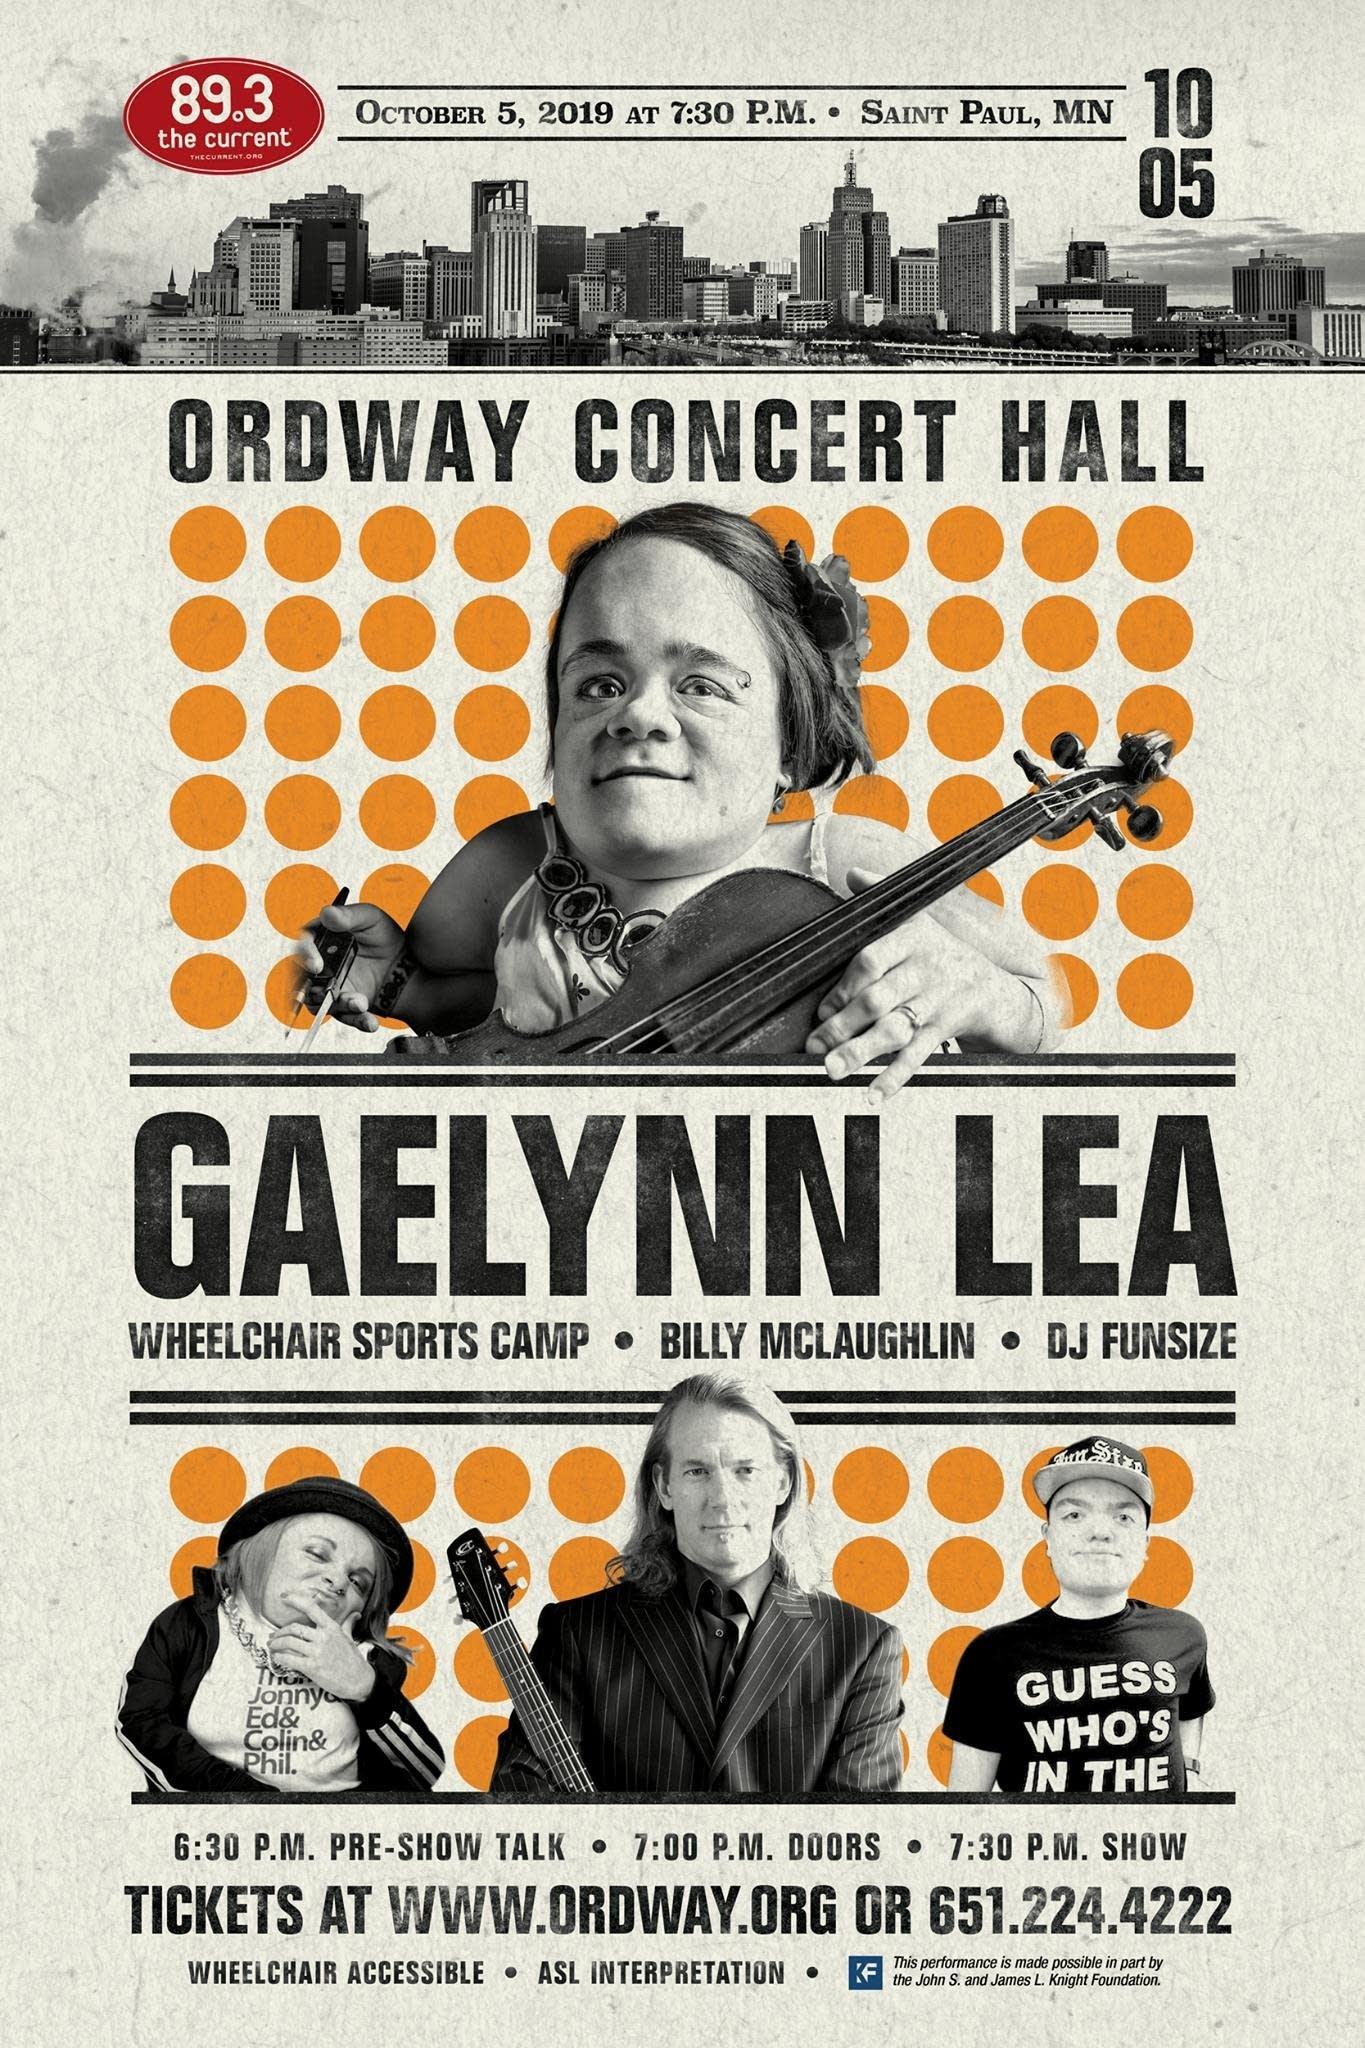 Gaelynn Lea Wheelchair SPorts Camp poster